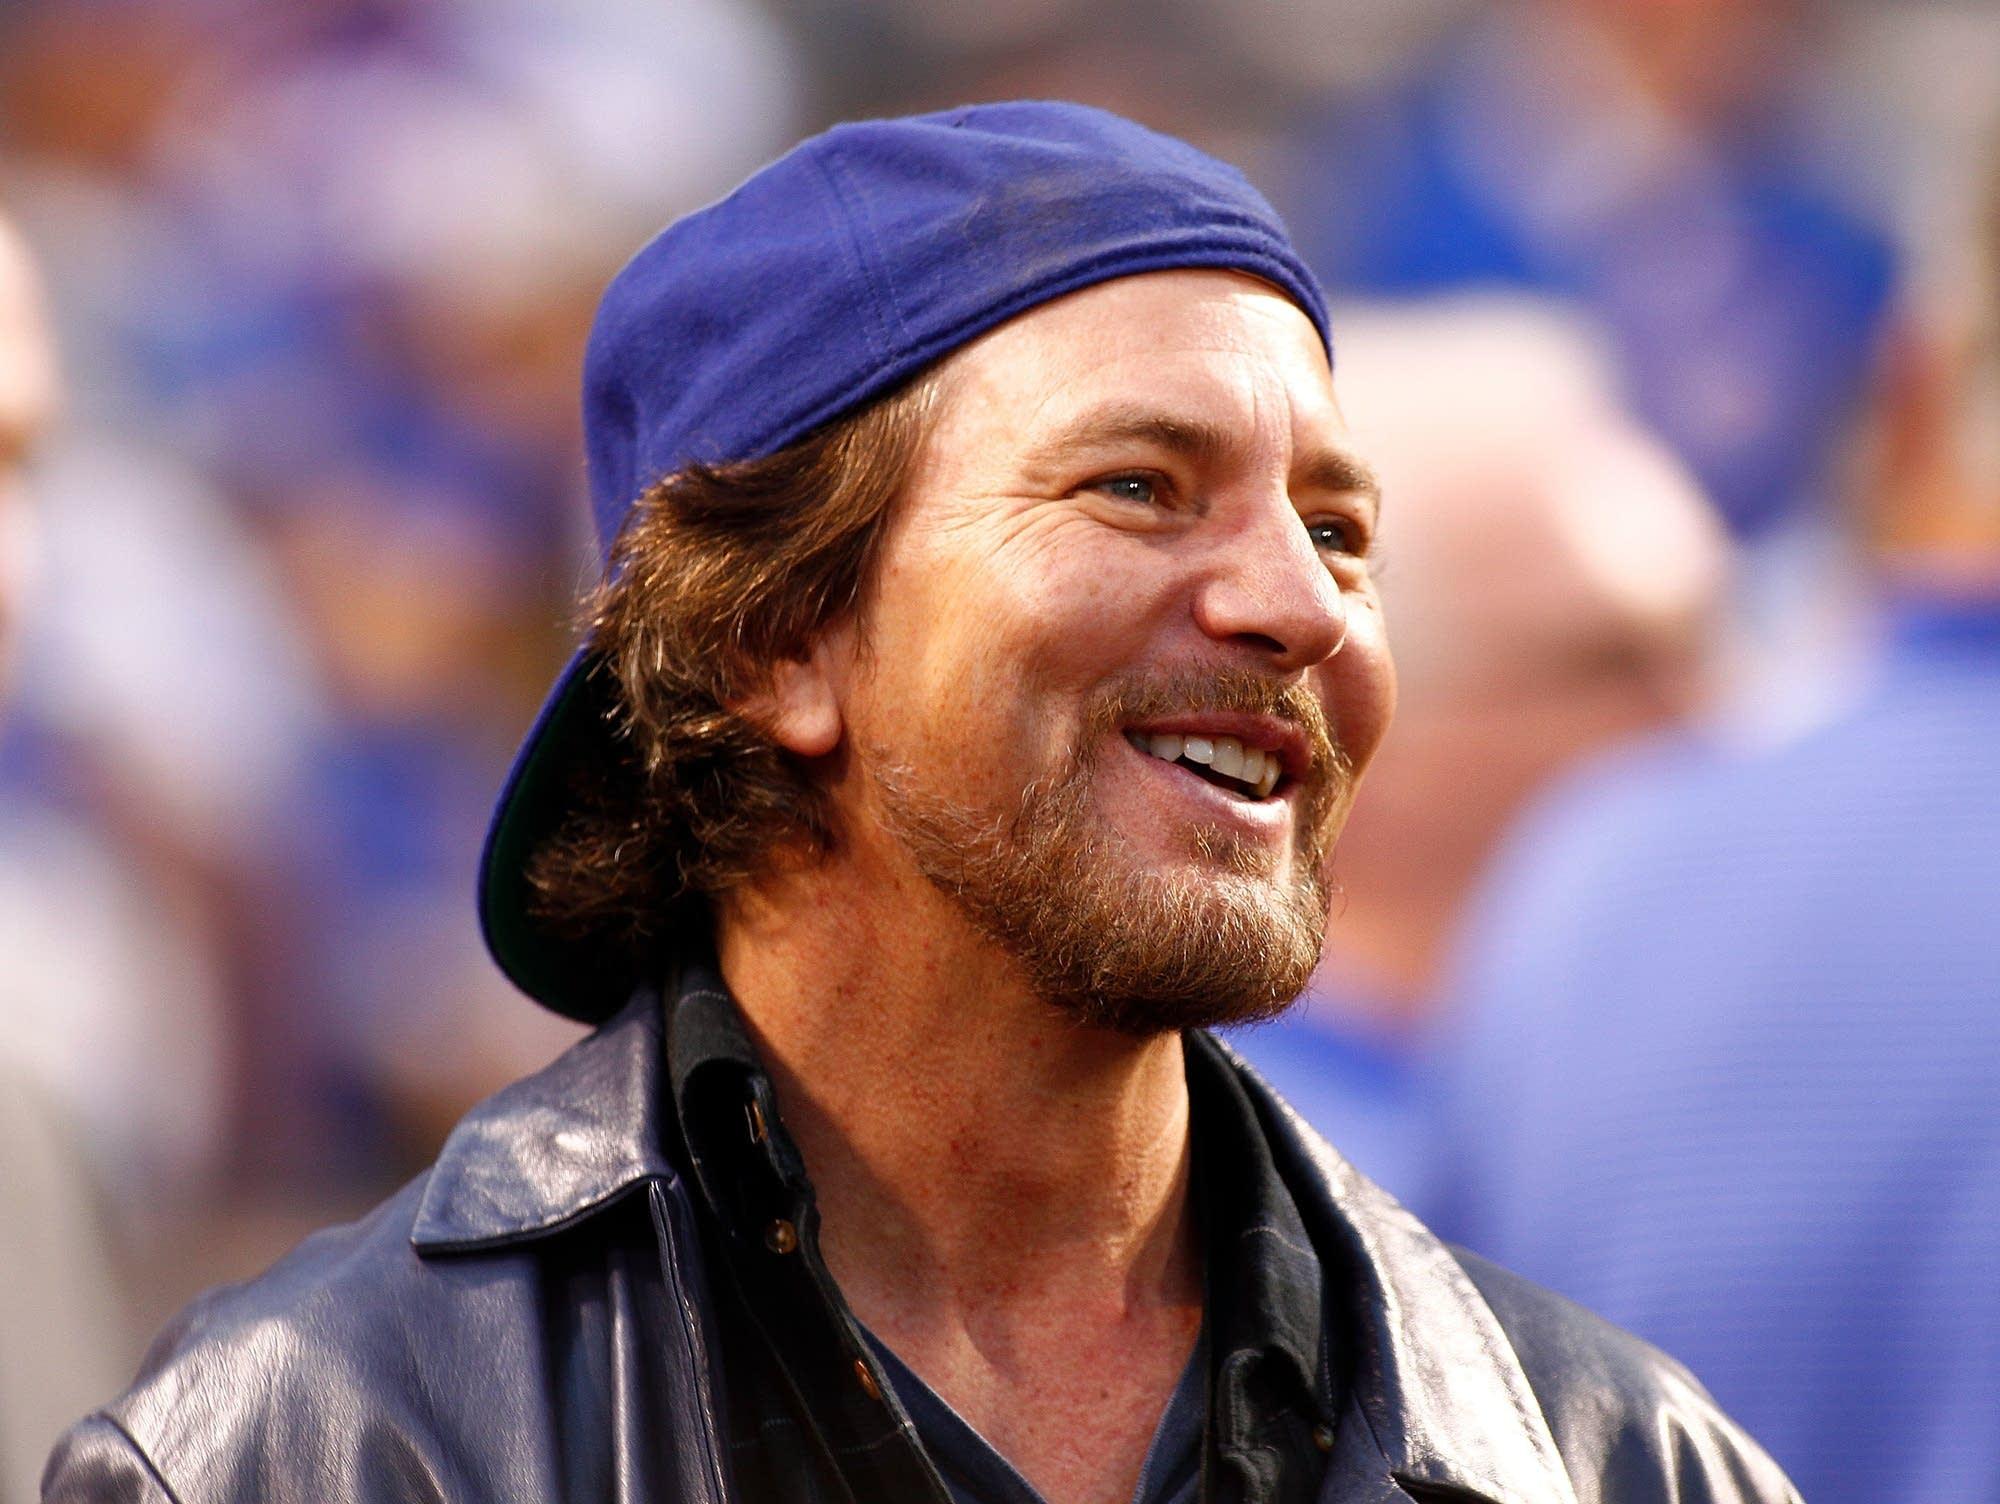 Eddie Vedder at a Cubs game in 2015.